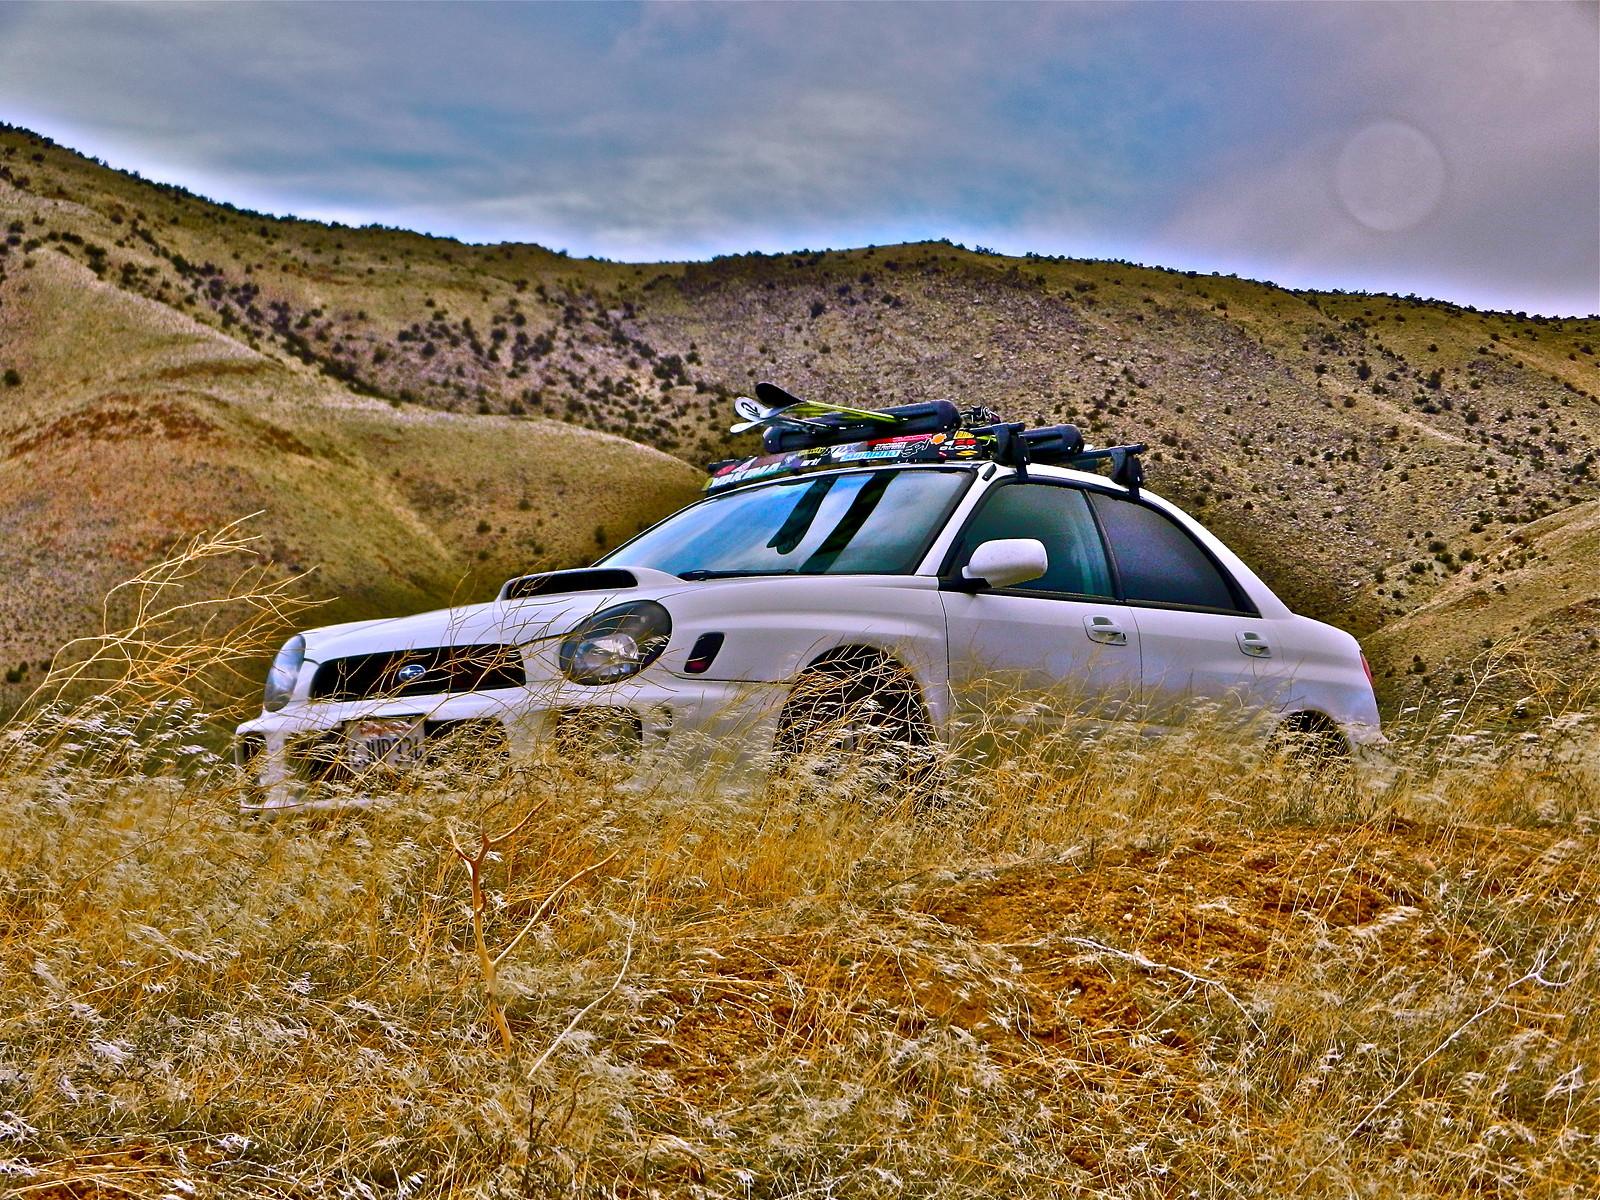 DSCN0404 - monsterrex03 - Mountain Biking Pictures - Vital MTB